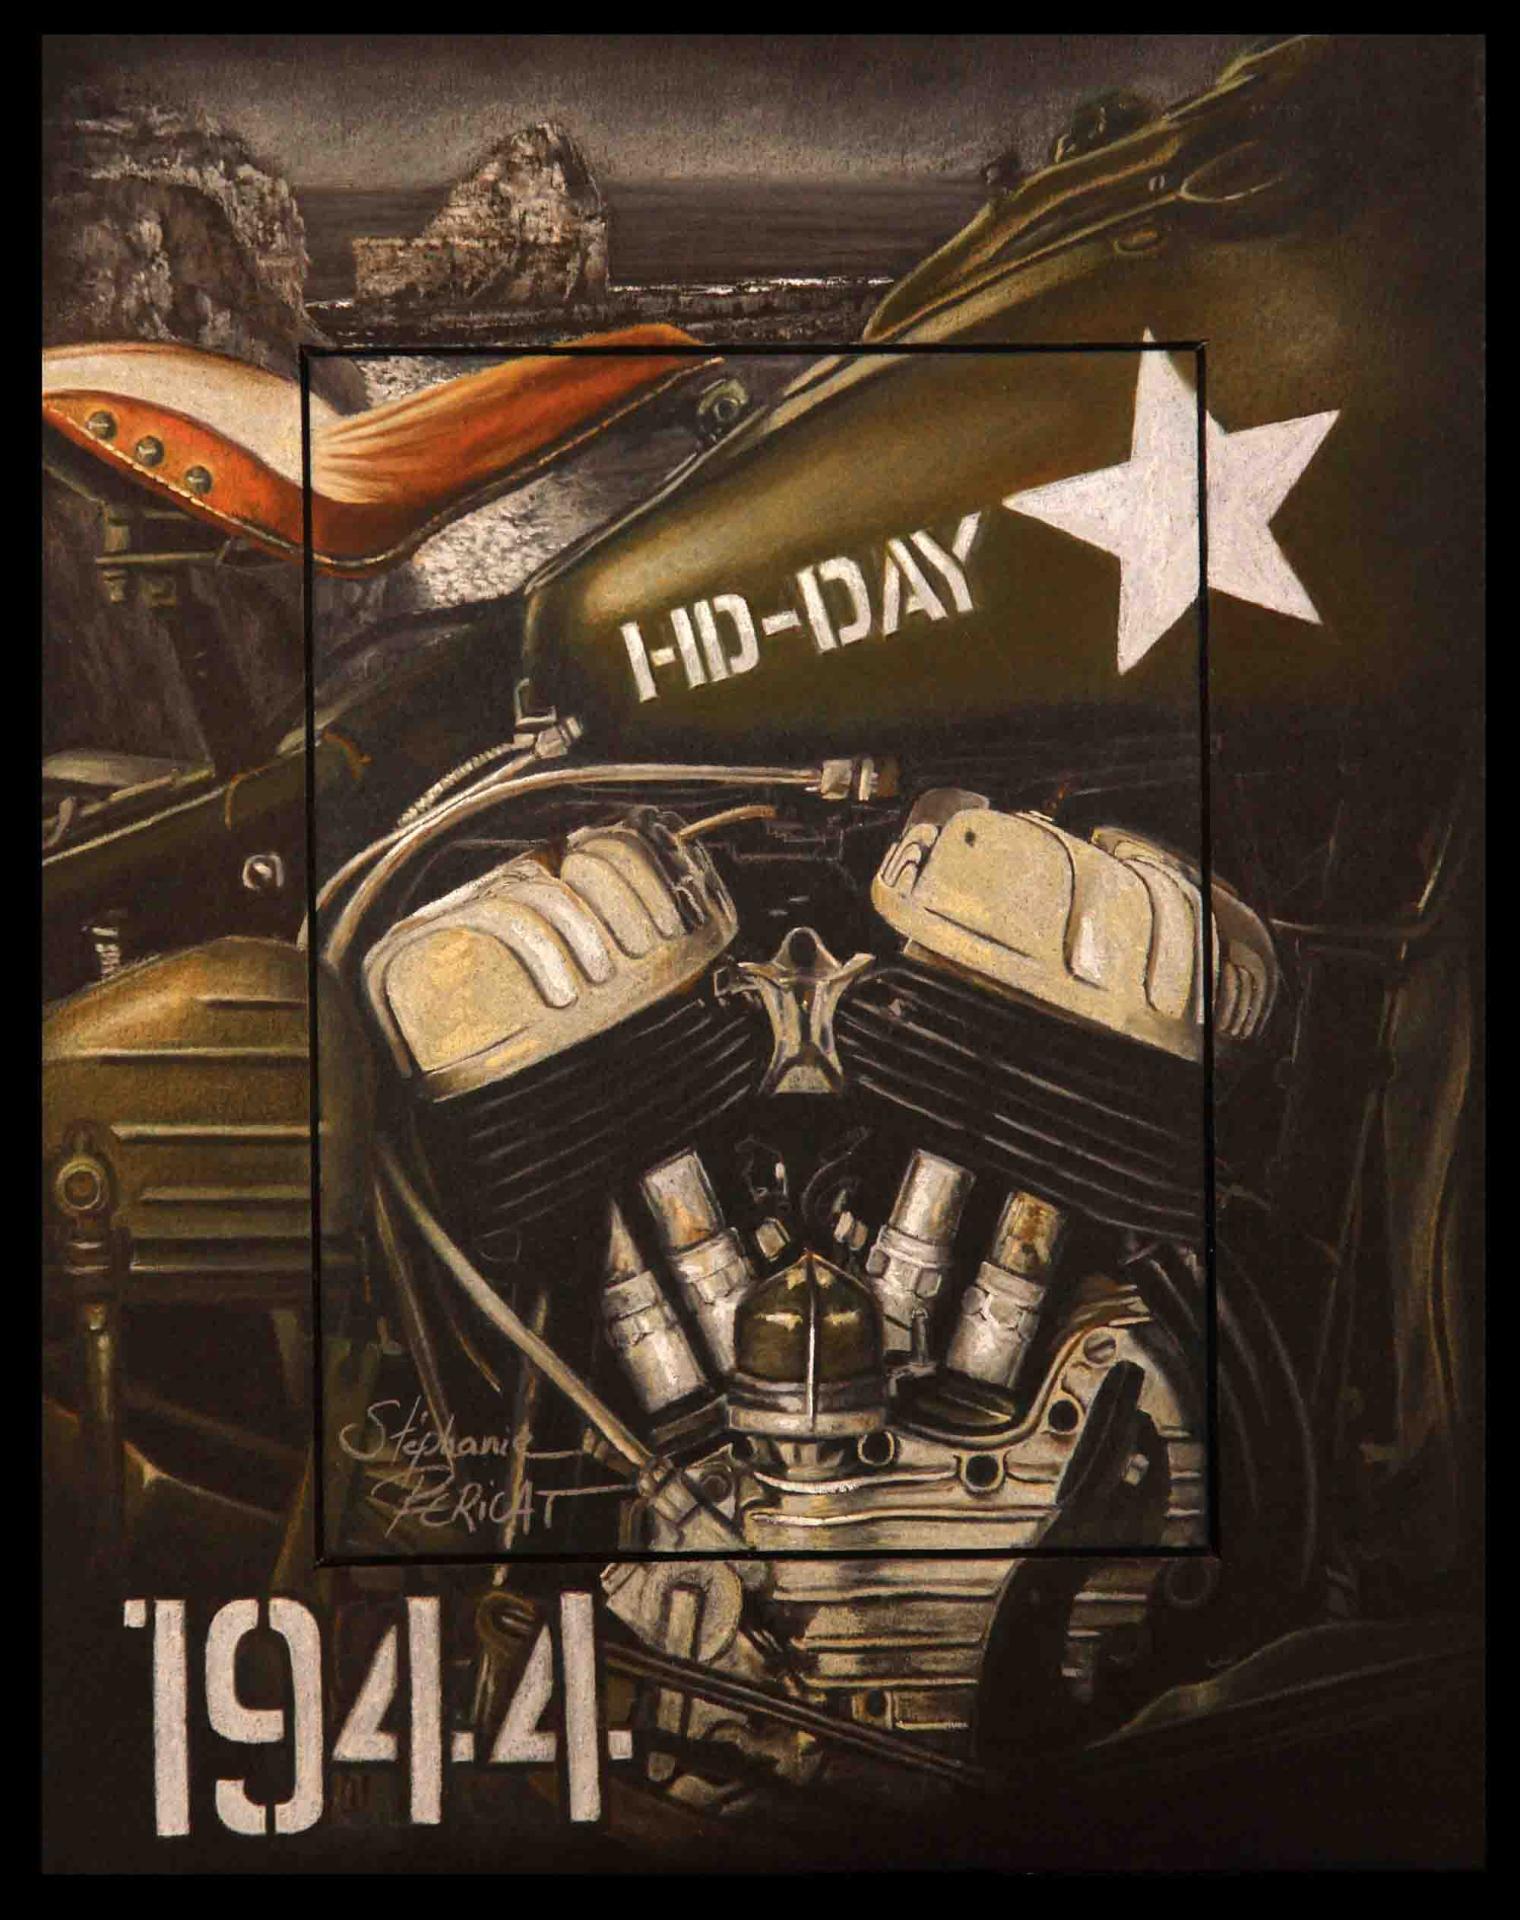 HD-DAY, A HEROIC LEGEND (HD memory) - 24x30cm - AV for sale